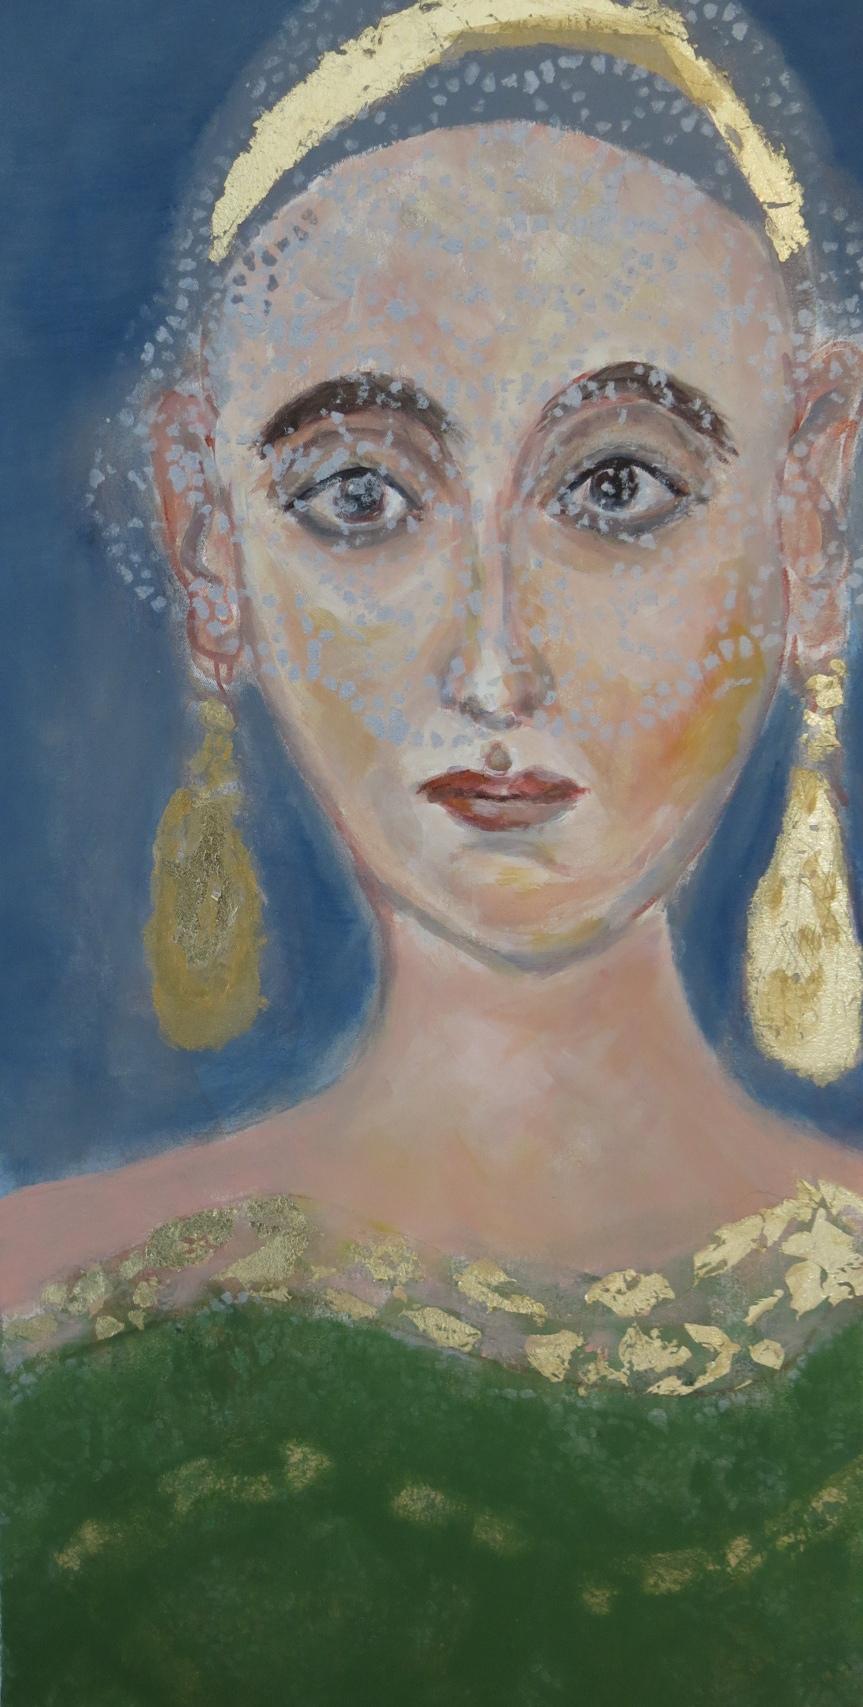 Dame mit zwei Ohrringen, Mischtechnik auf Leinwand, 50x30 cm, 2014